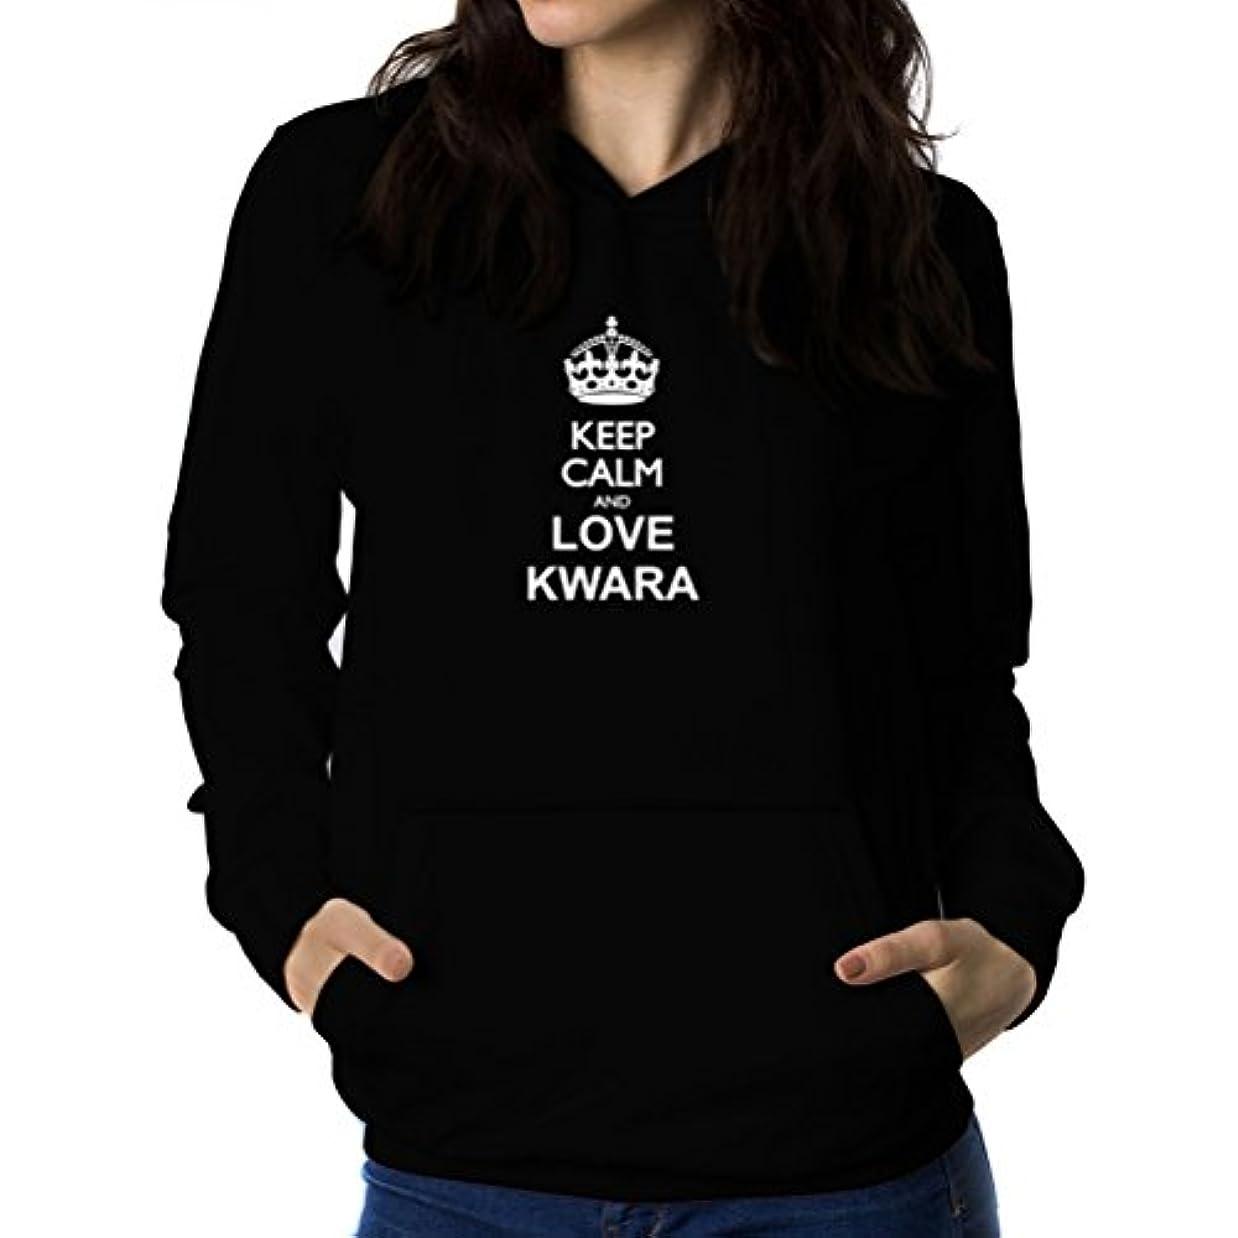 ダイエット刺す民主主義Keep calm and love Kwara 女性 フーディー